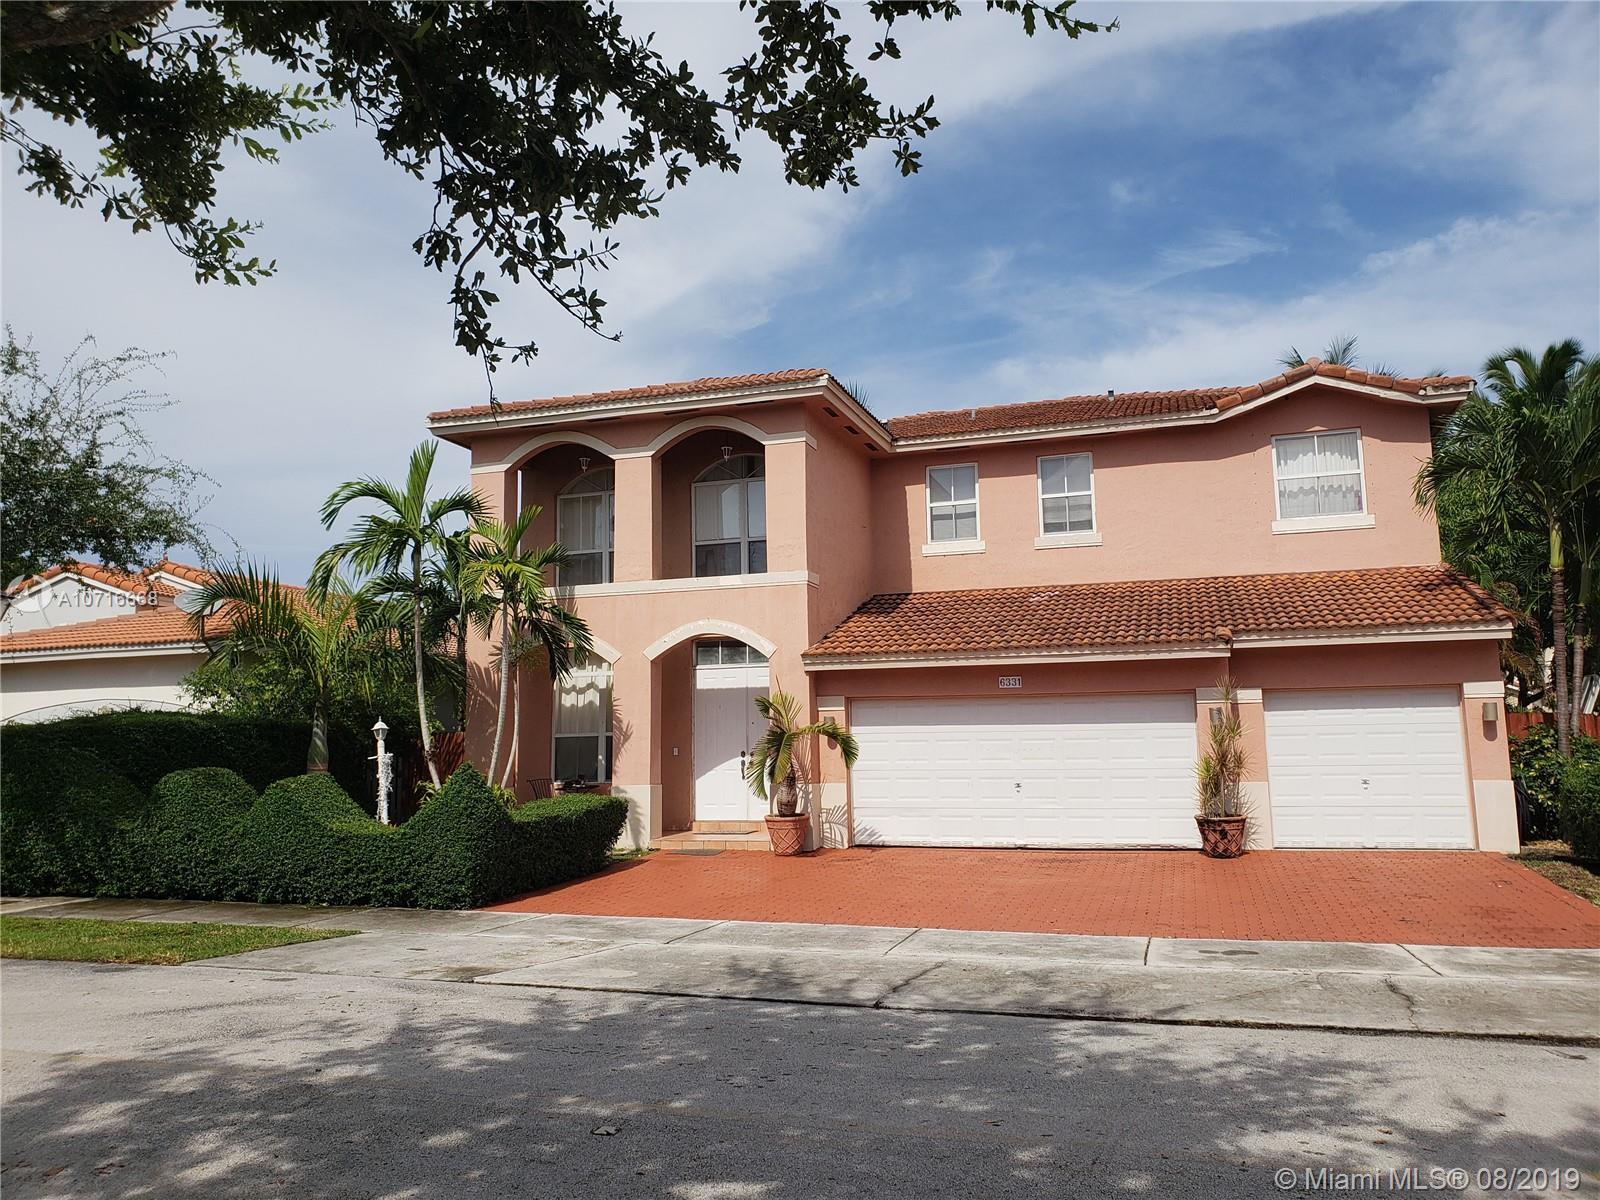 6331 SW 158th Ct, Miami, FL 33193